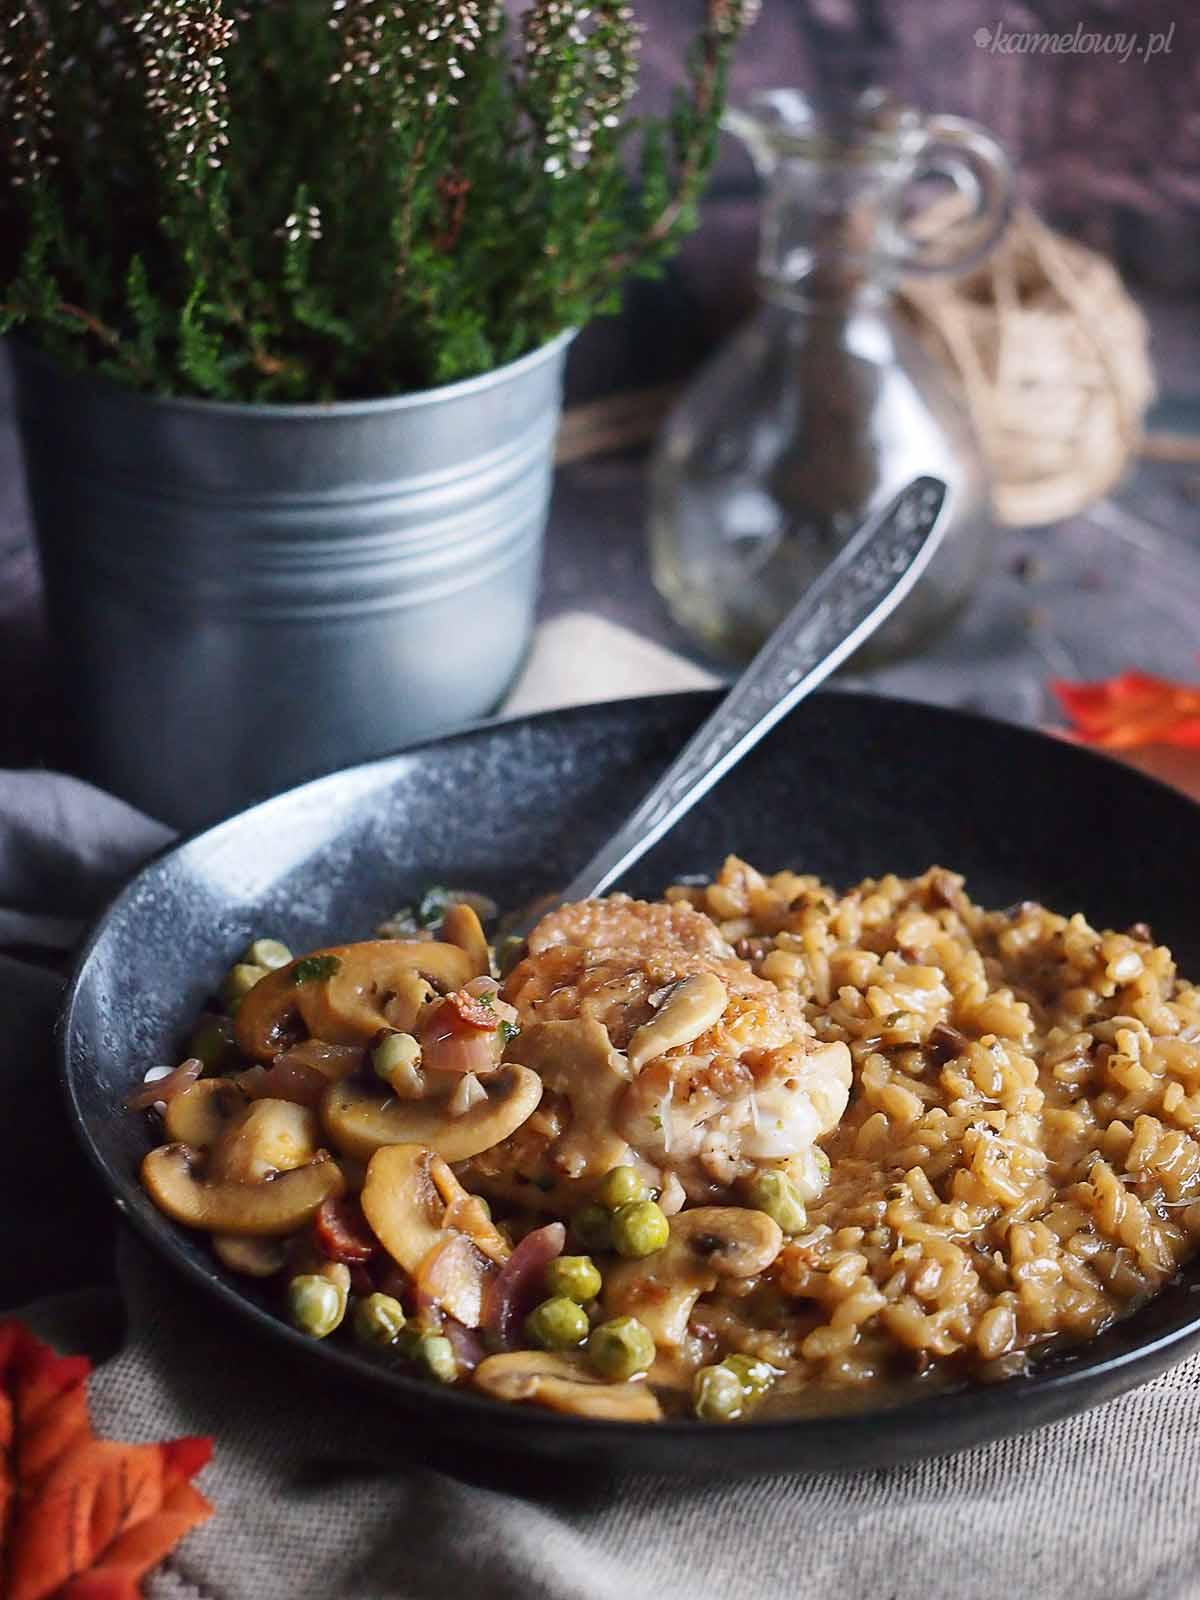 Risotto-grzybowe-z-kurczakiem-Mushroom-risotto-with-chicken